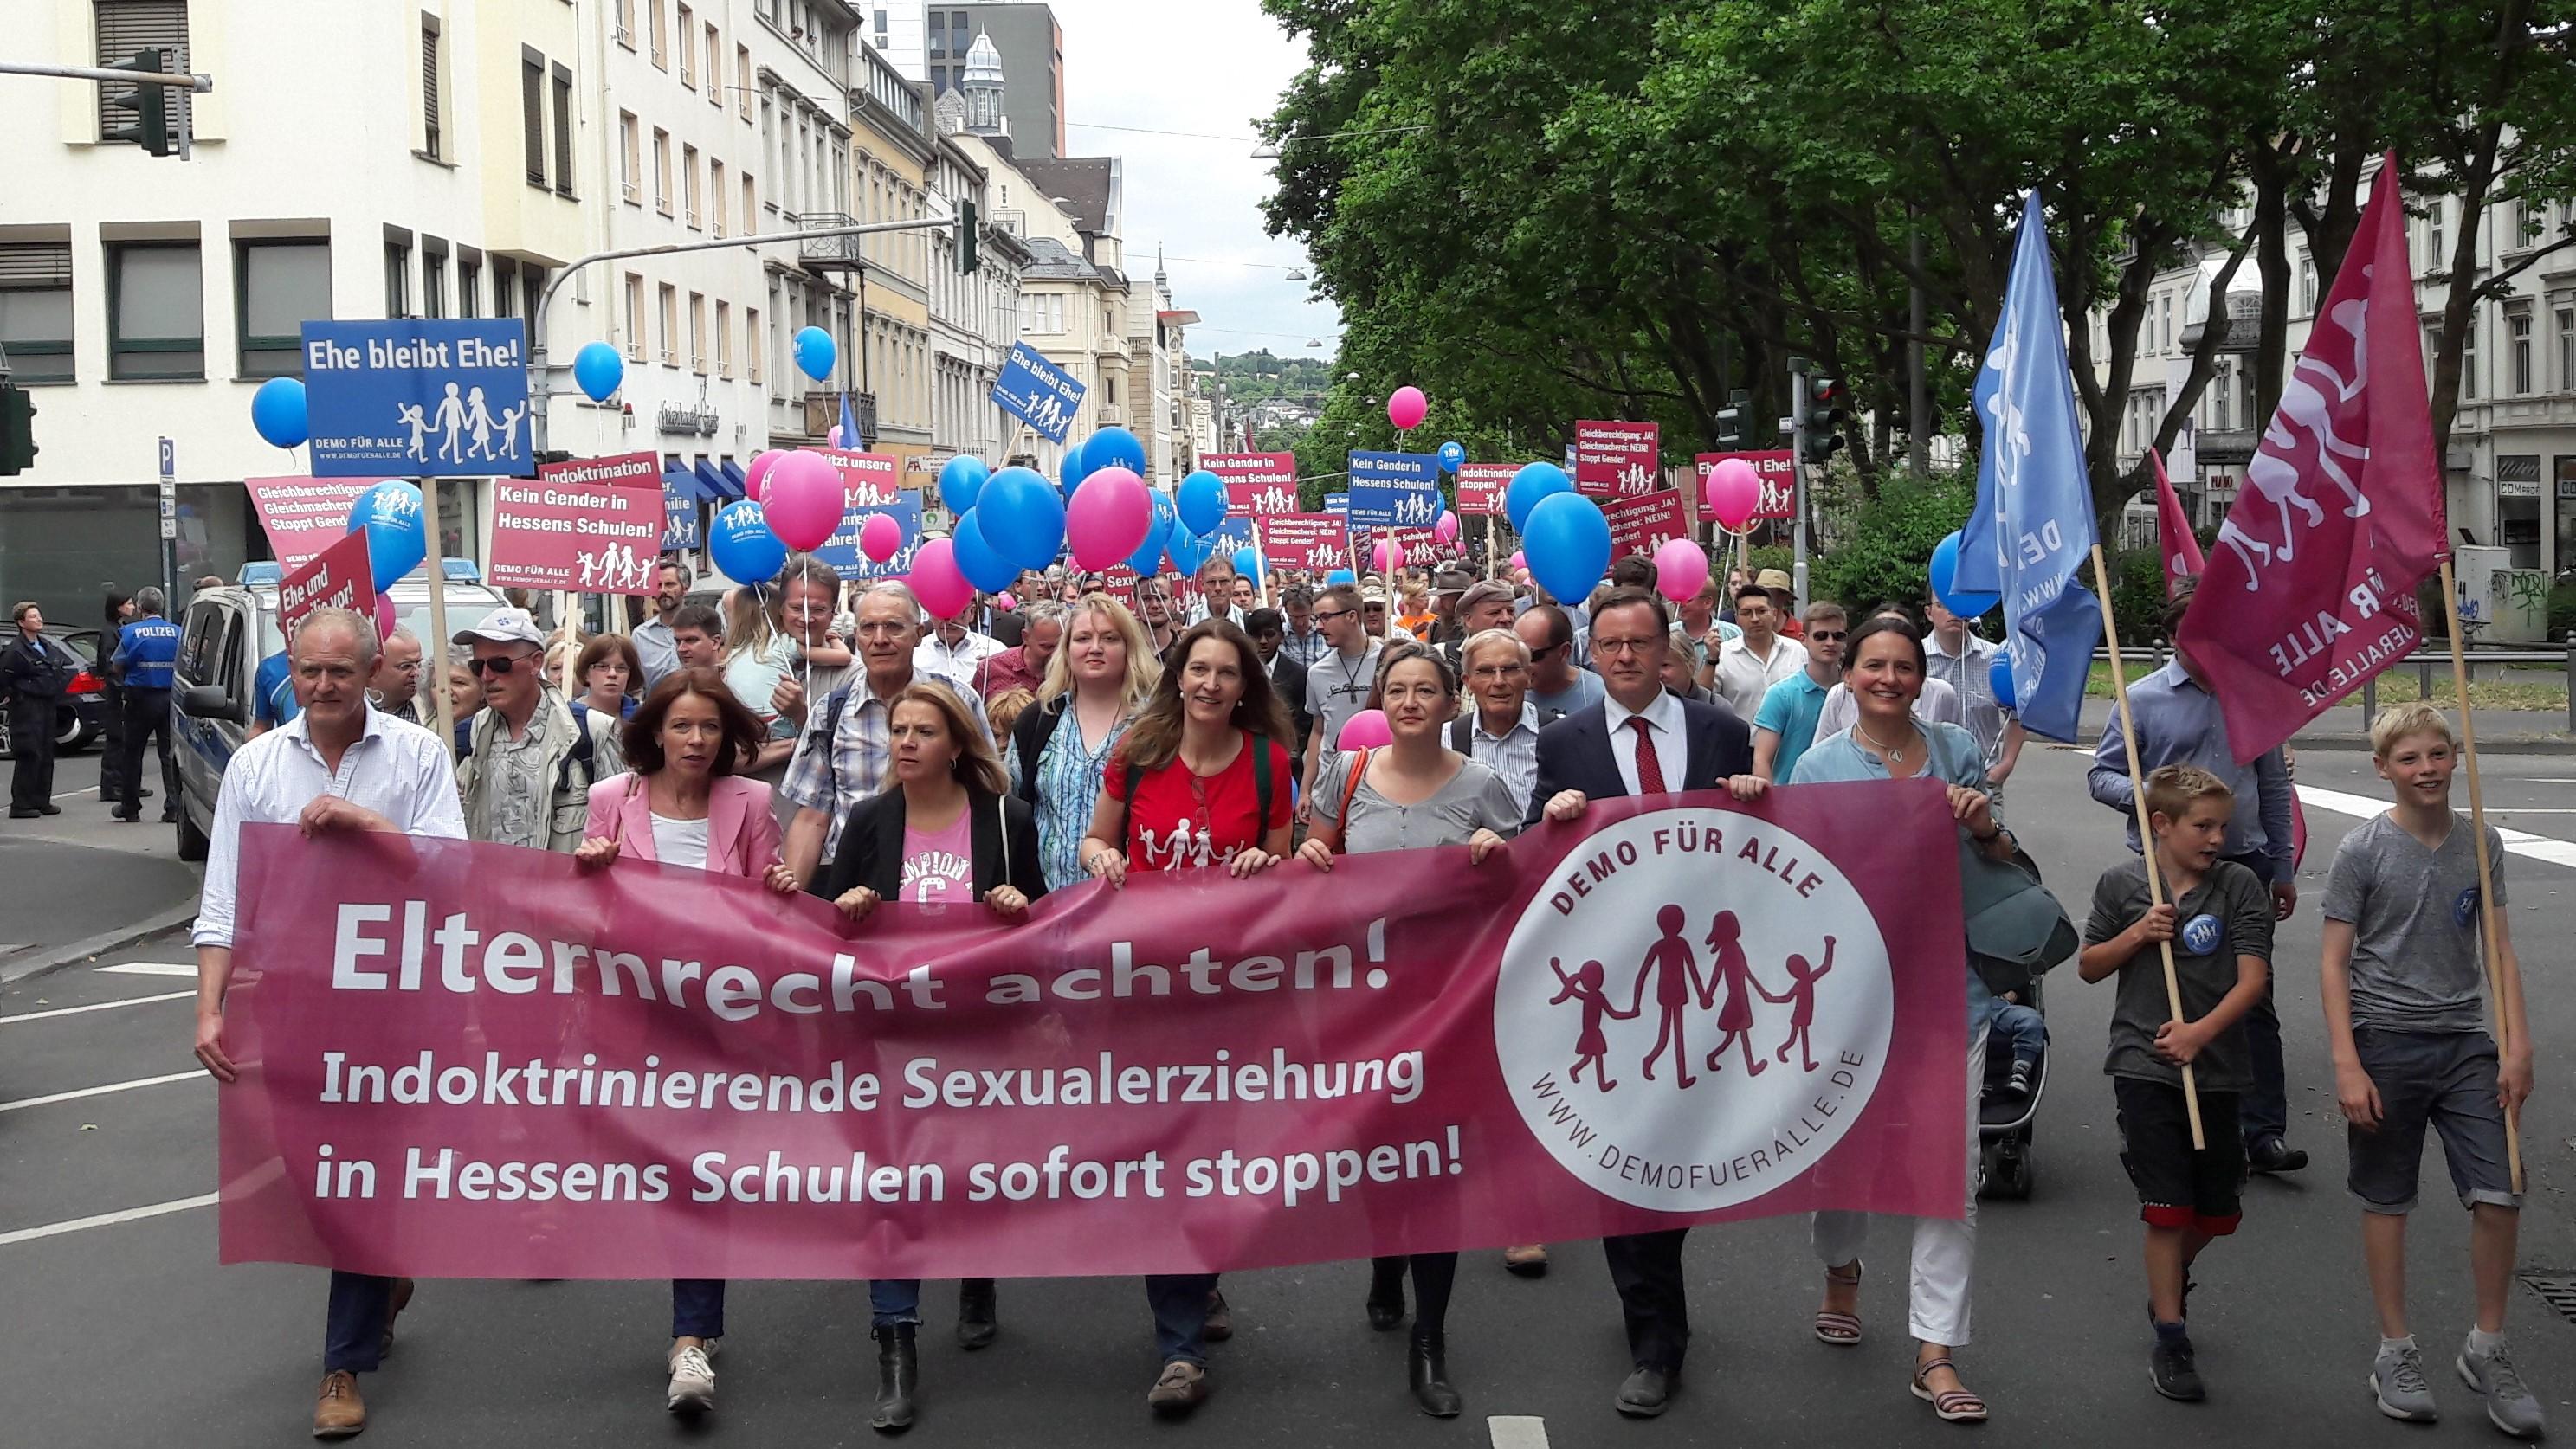 DEMO FÜR ALLE in Wiesbaden – auch die österr. FamilienAllianz nahm teil